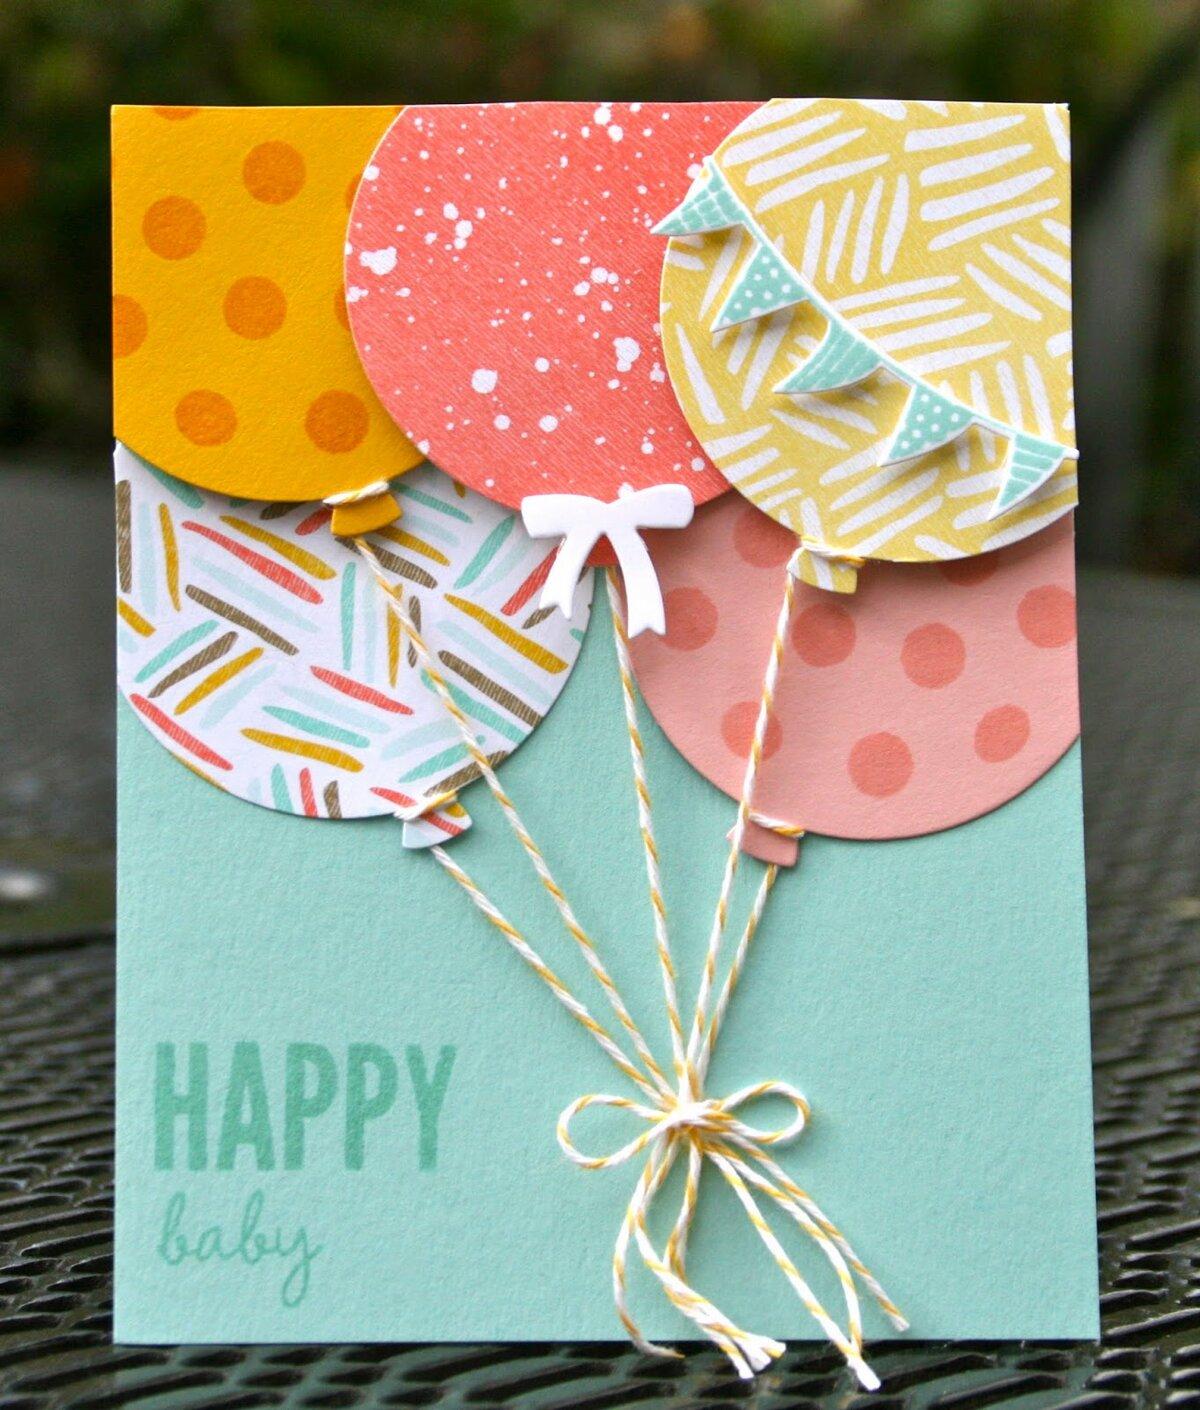 Июне детьми, открытки с подарками своими руками на день рождения